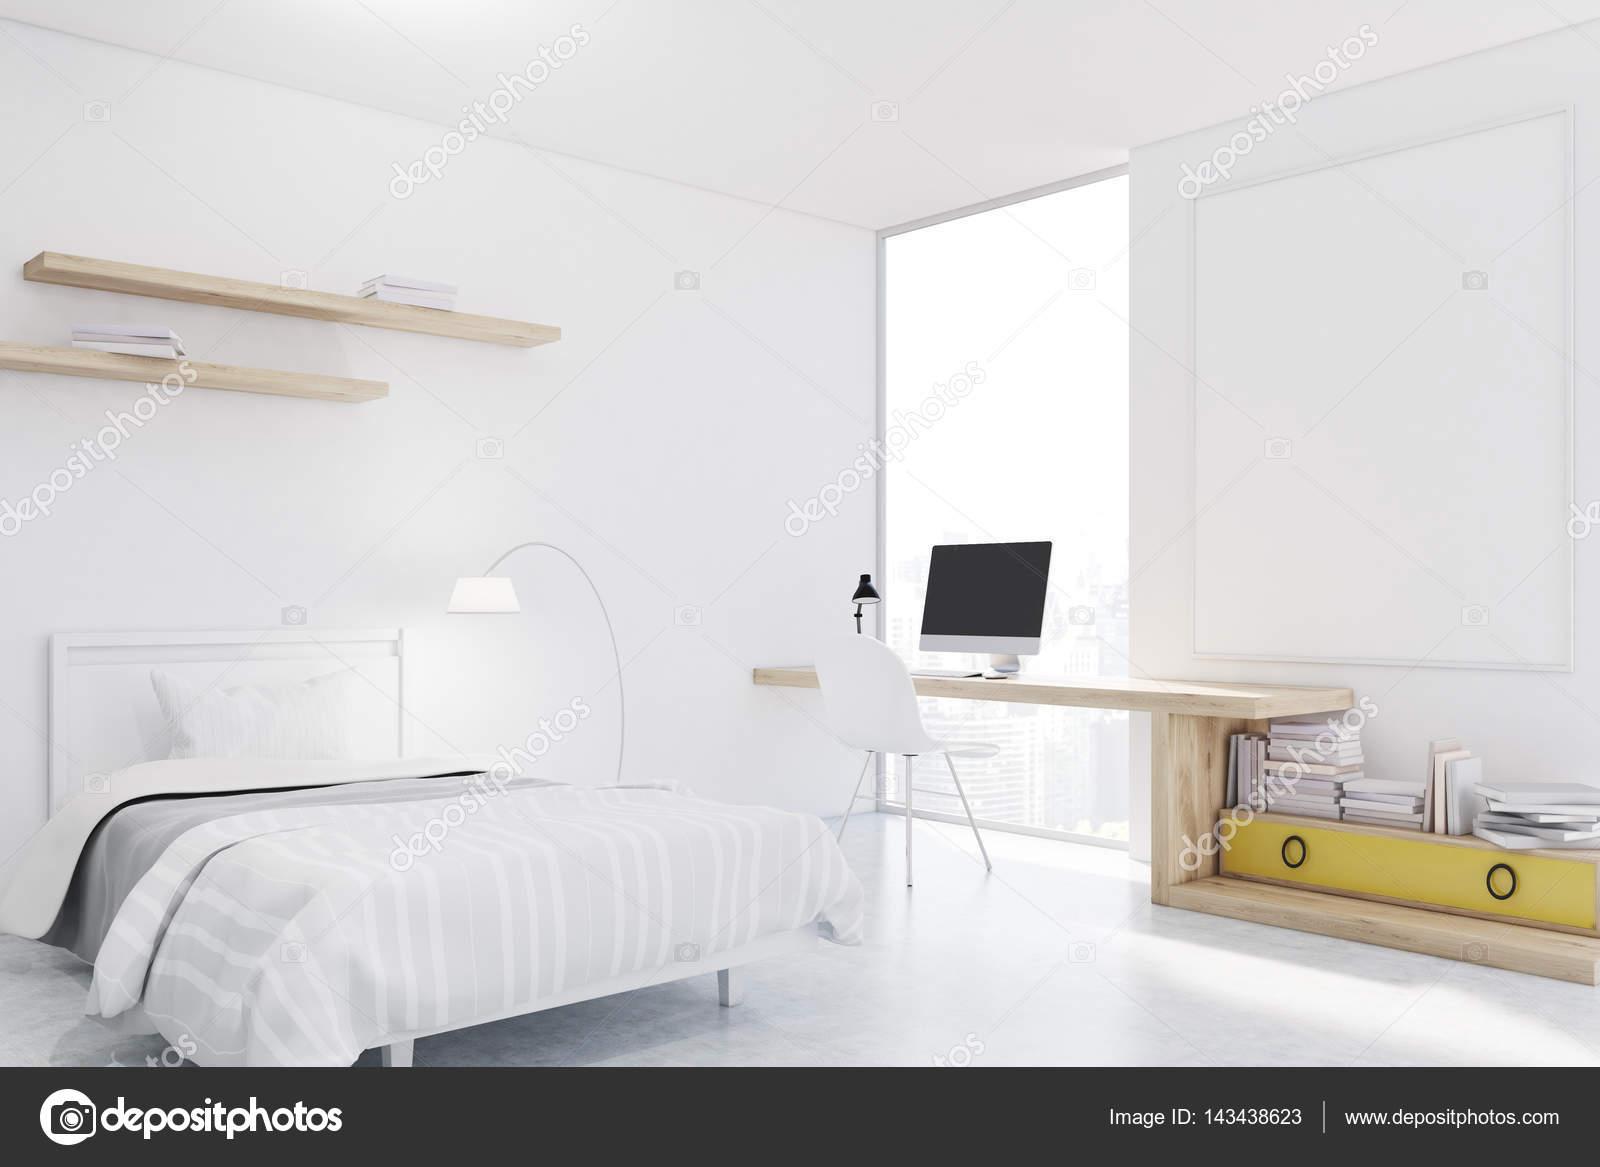 Bianco con pareti camera da letto con angolo studio — Foto Stock ...